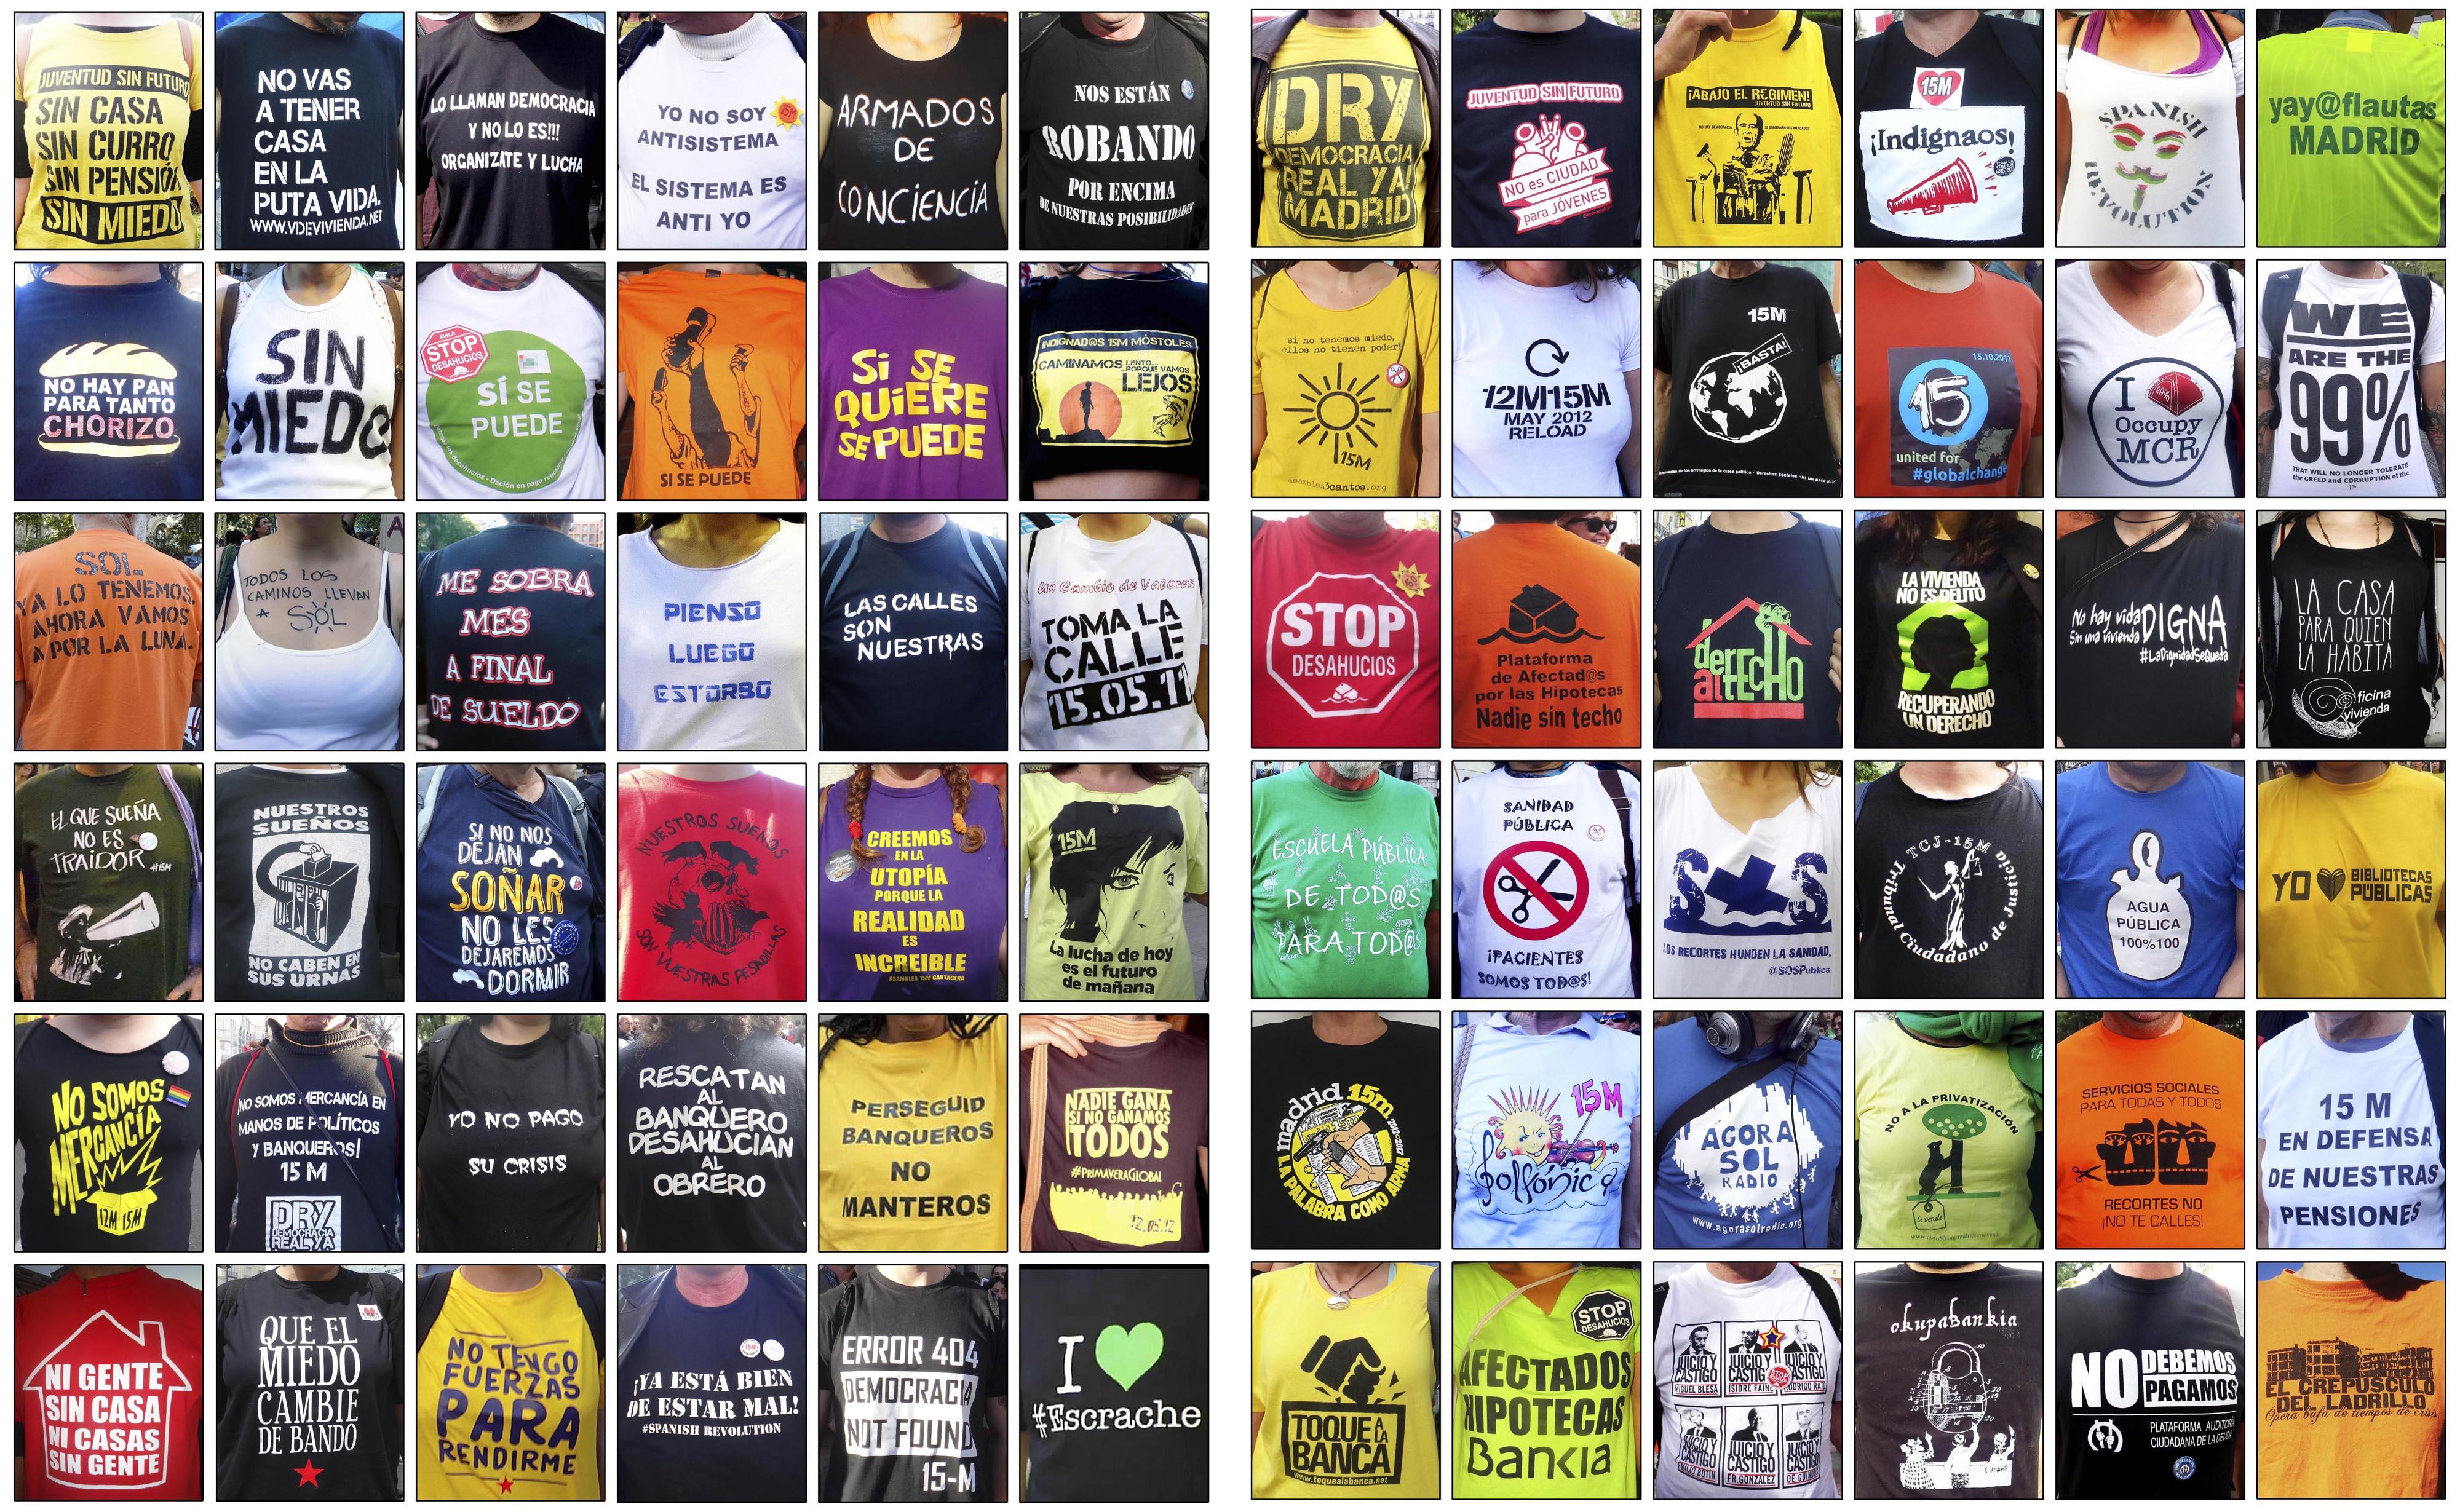 72 Camisetas del movimiento 15-M, en su 7º aniversario.